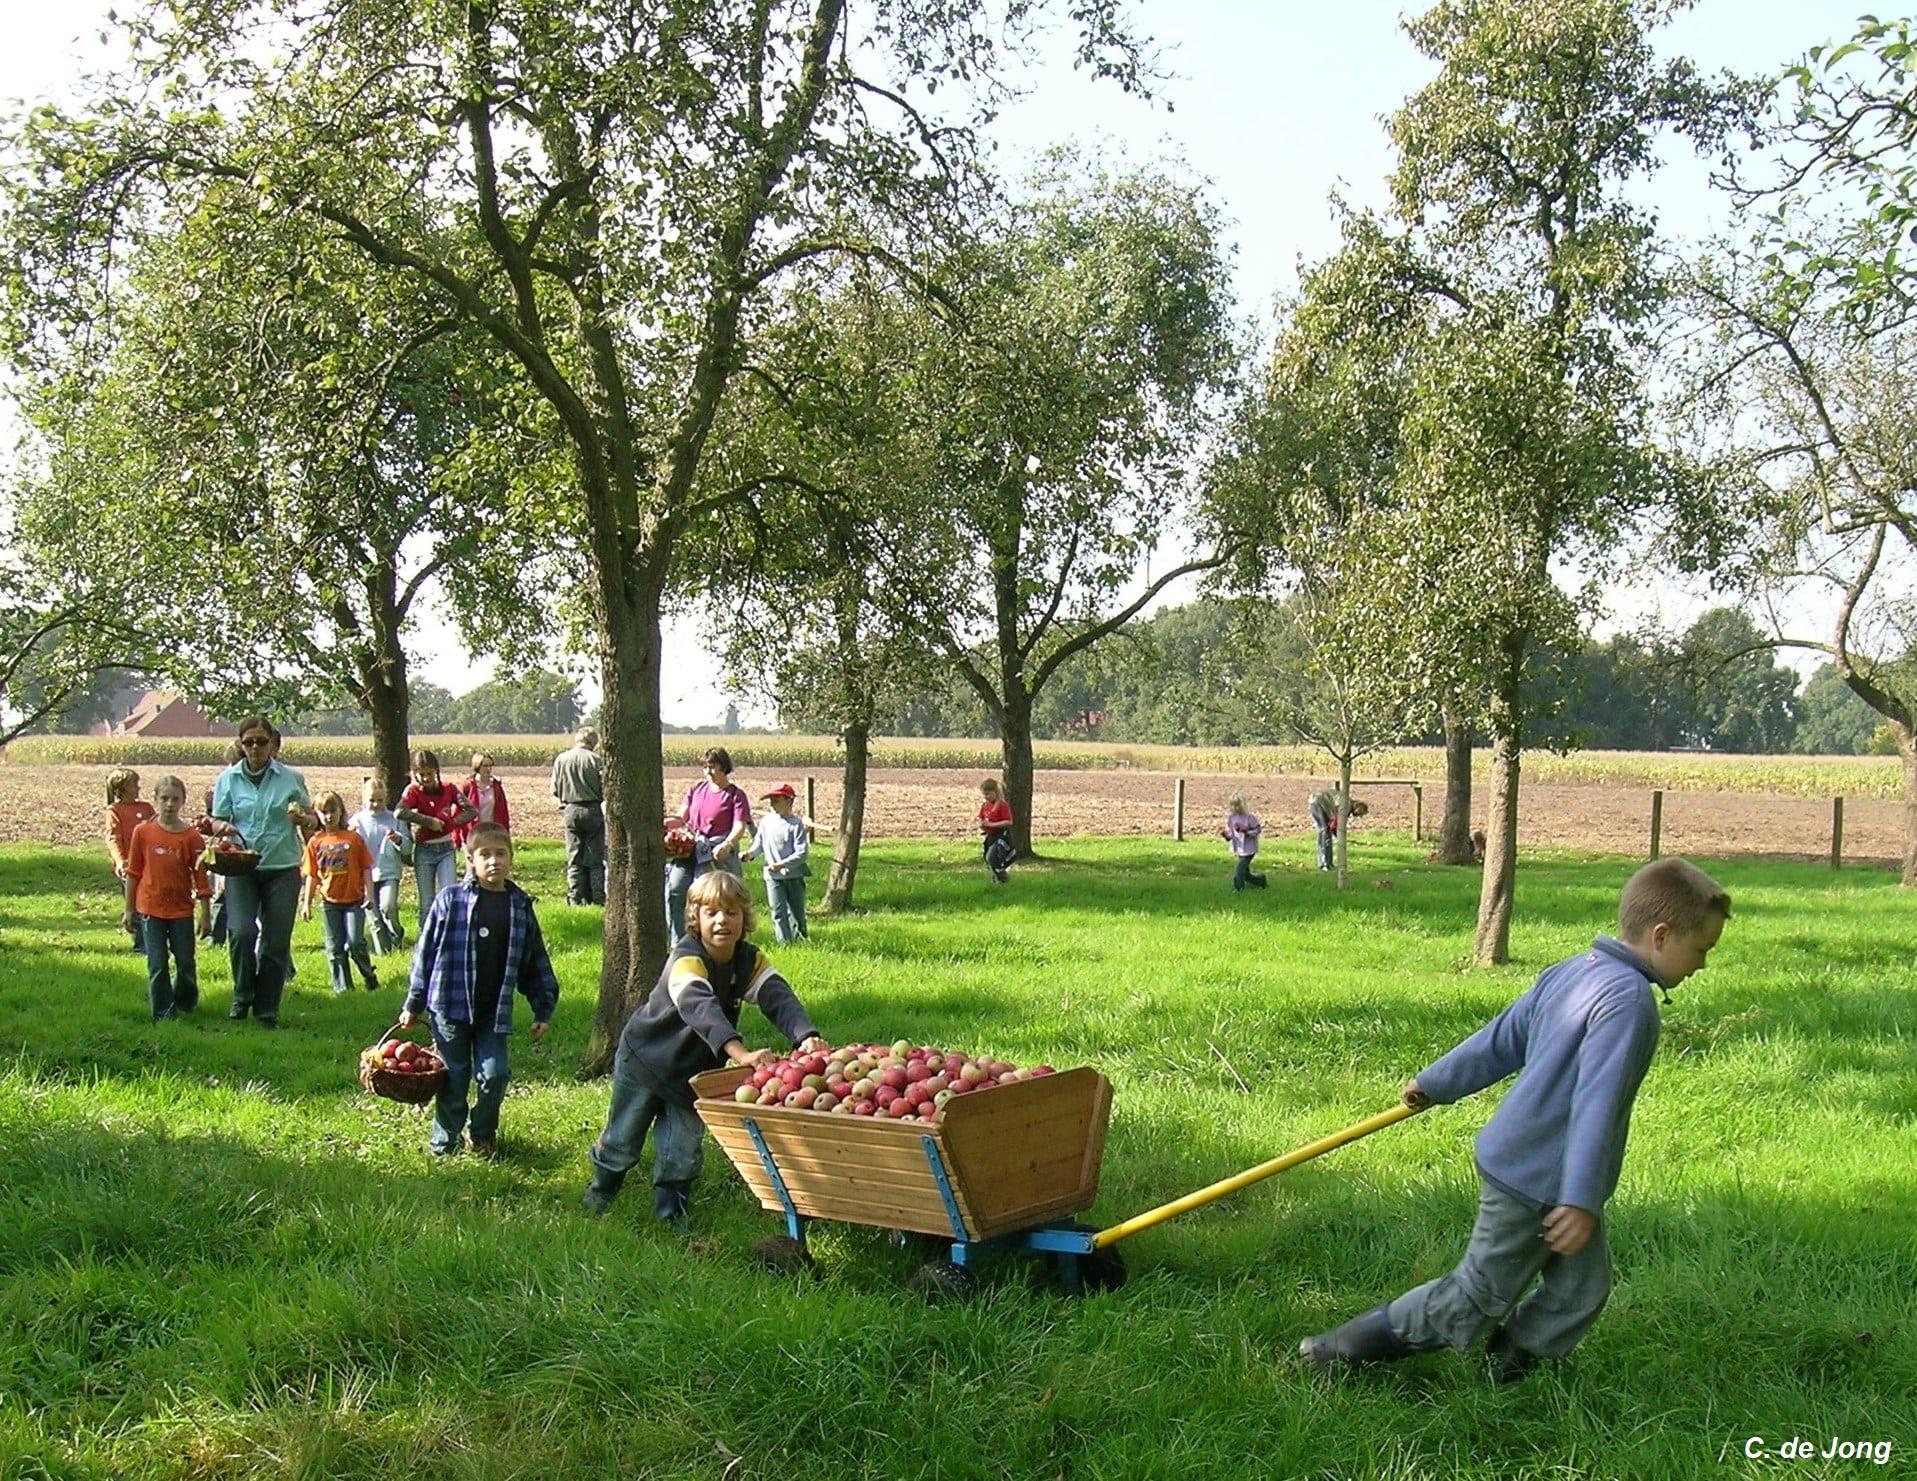 Kinder ziehen einen Bollerwagen mit Äpfeln auf einer Streuobstwiese